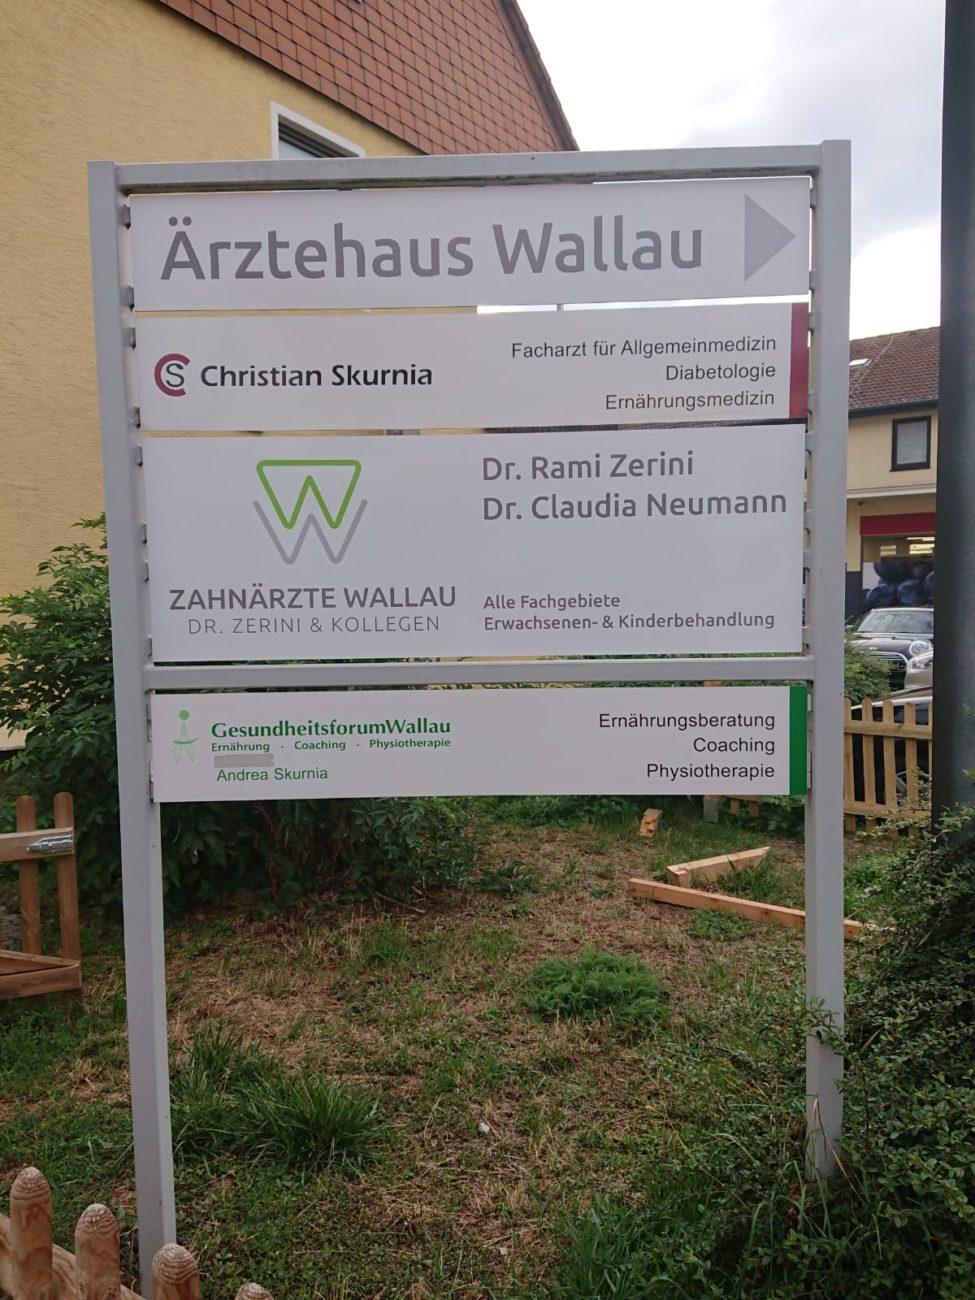 Freistehendes Schild als Wegweiser in Wallau